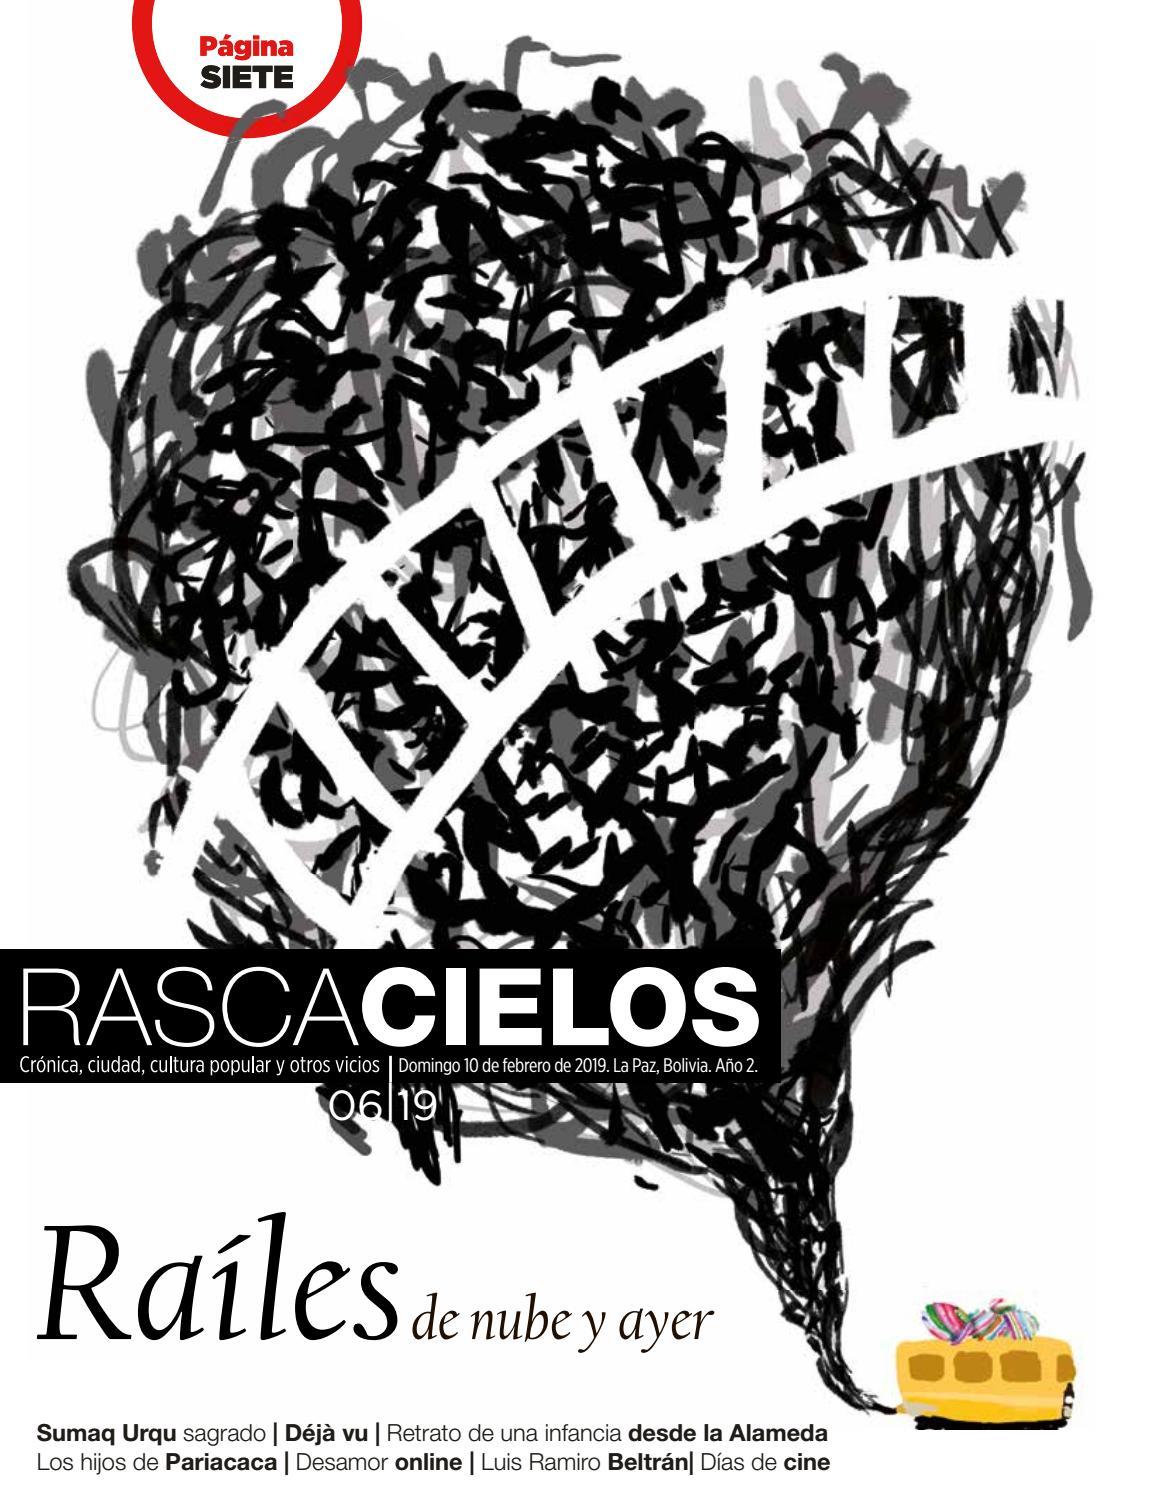 Revista Rascacielos 6|19 (10 de febrero, 2019) by Revista Rascacielos -  issuu